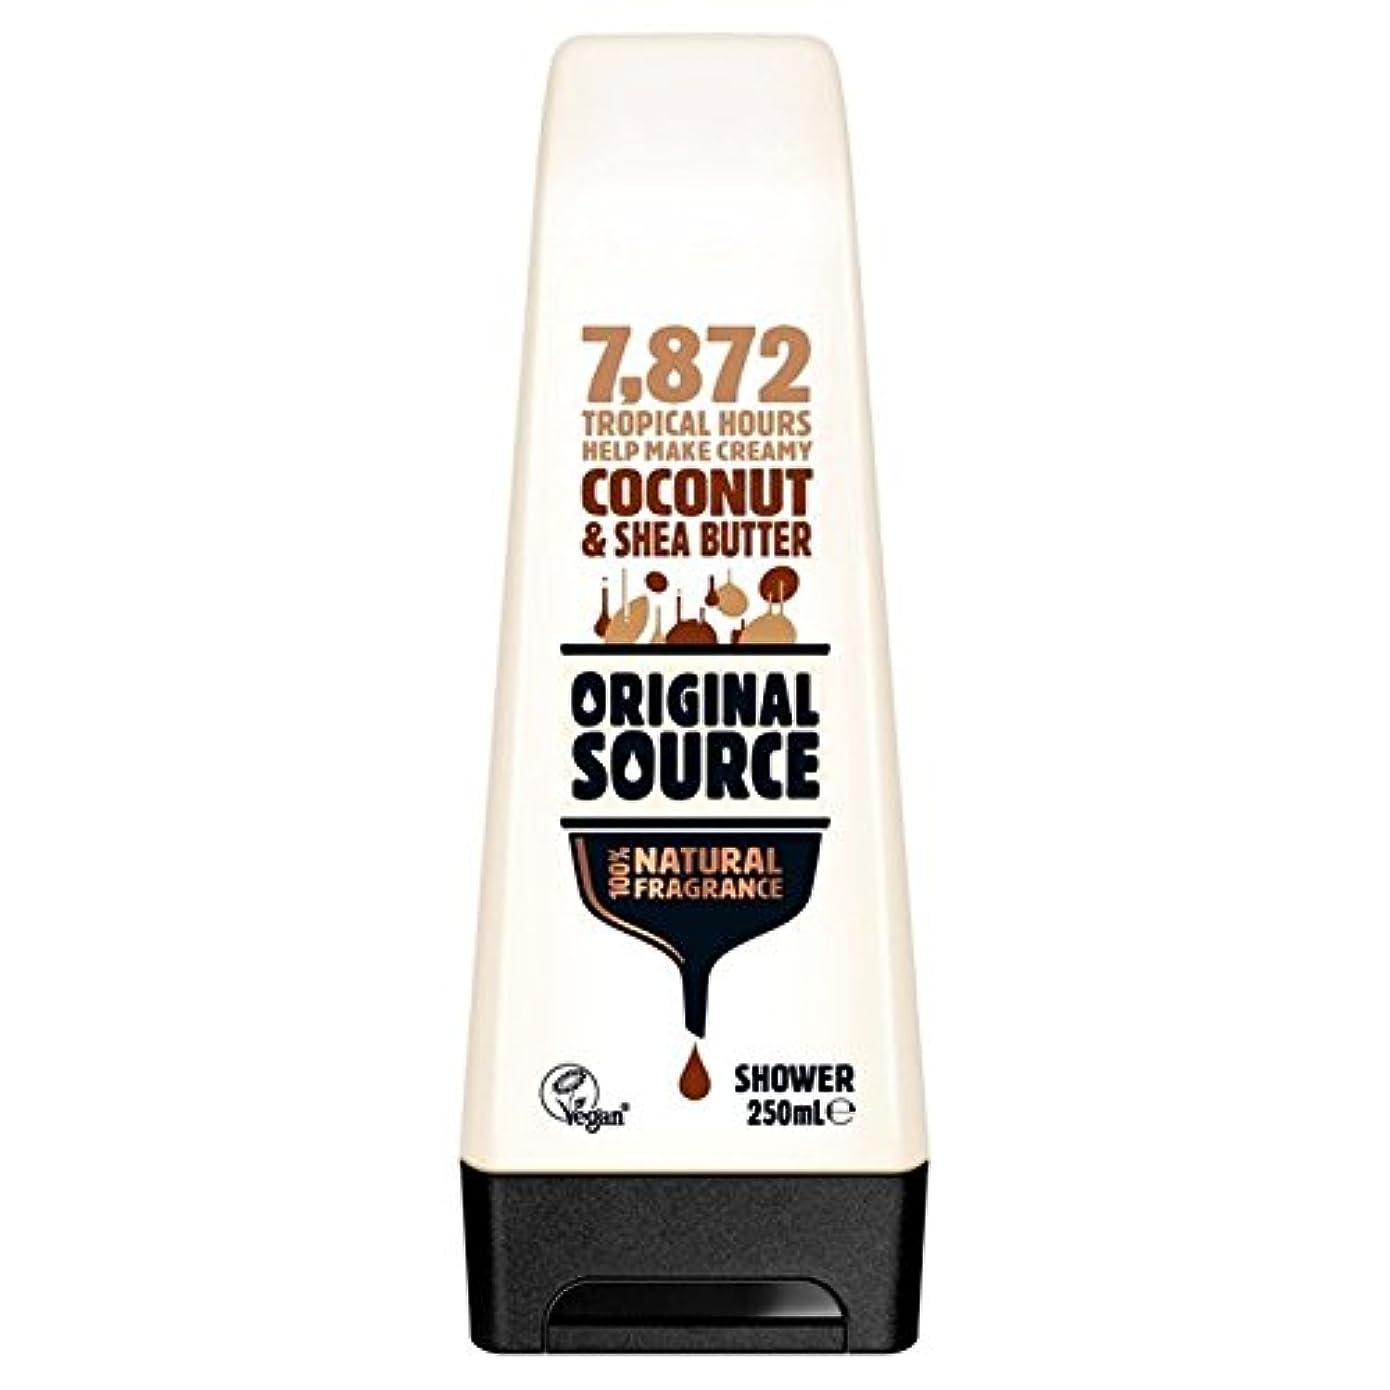 ユダヤ人おじさん性交Original Source Moisturising Coconut & Shea Butter Shower Gel 250ml - 元のソース保湿ココナッツ&シアバターシャワージェル250ミリリットル [並行輸入品]